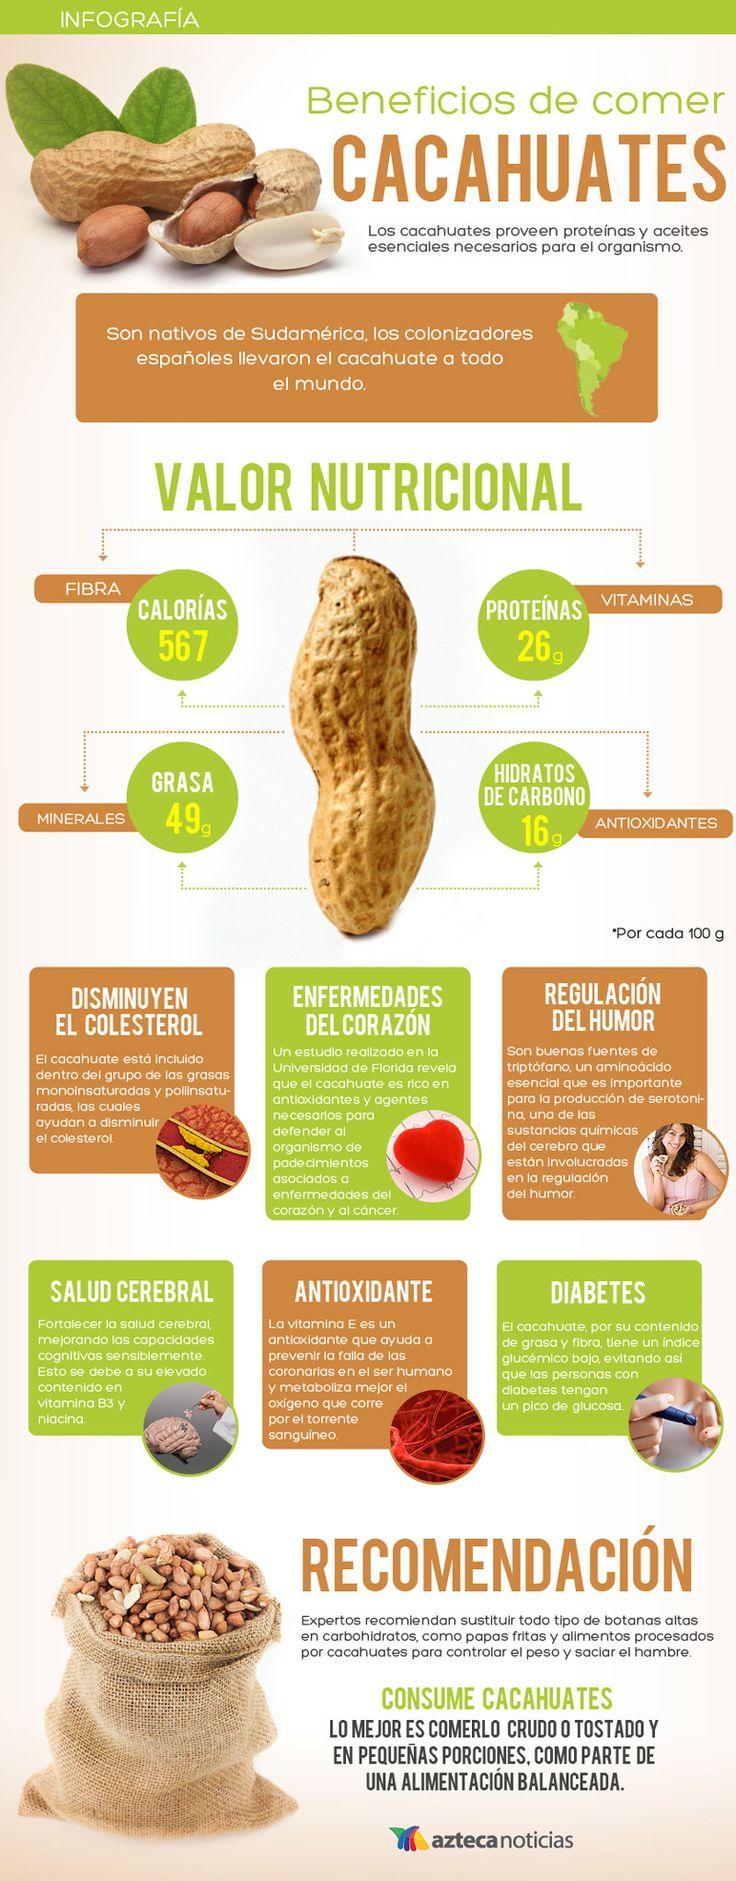 Recetas de comidas saludables y bajas en calorias